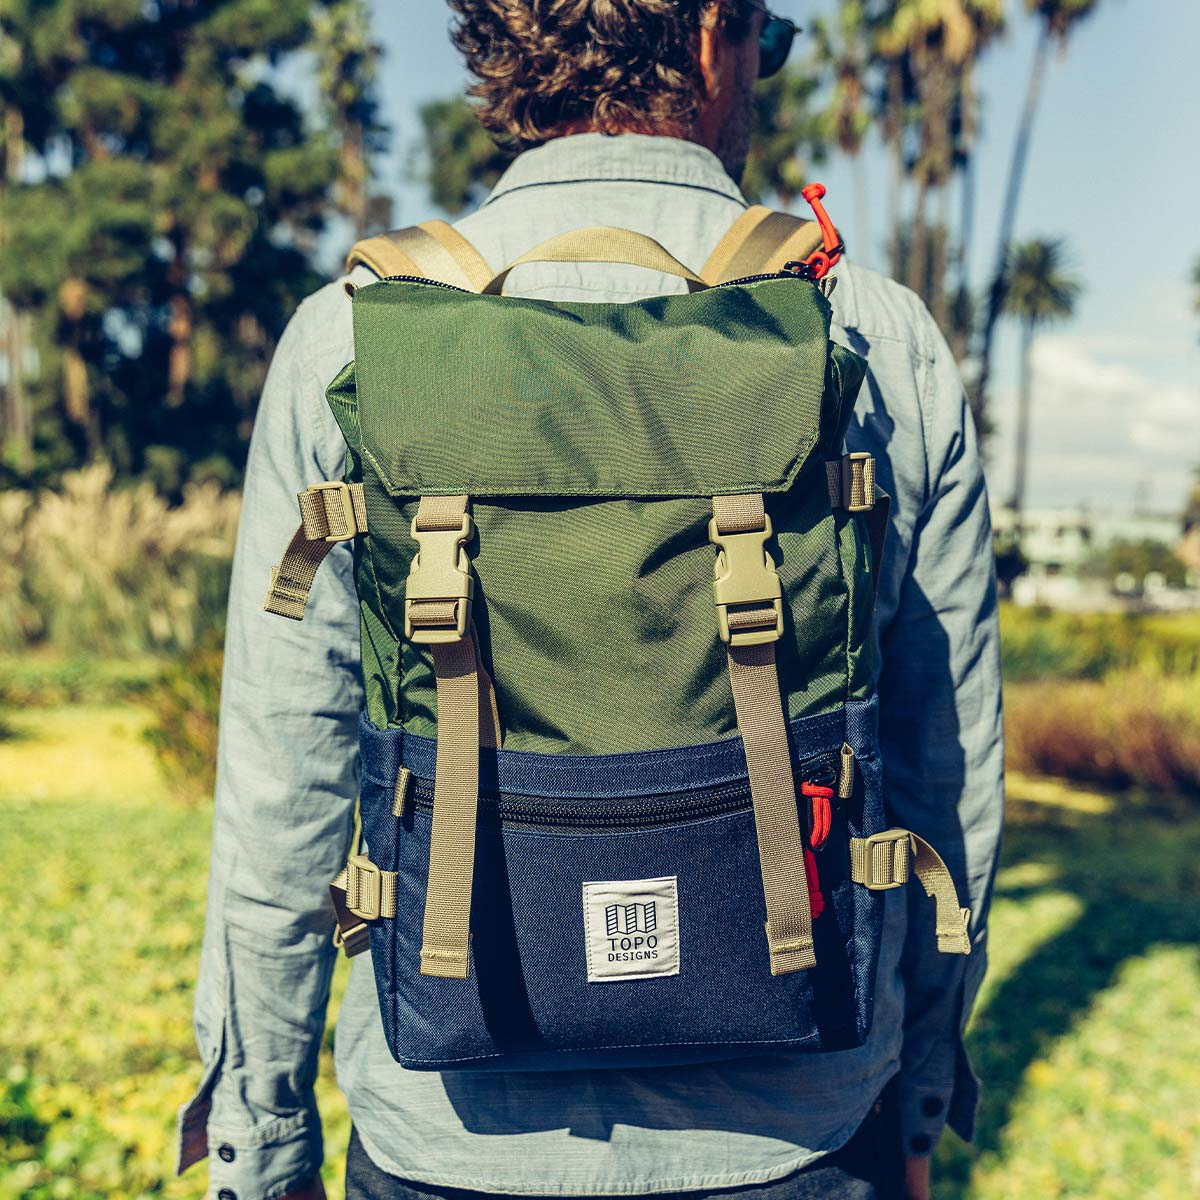 Topo Designs Rover Pack Classic Olive/Navyd, der ideale Rucksack für den täglichen Gebrauch